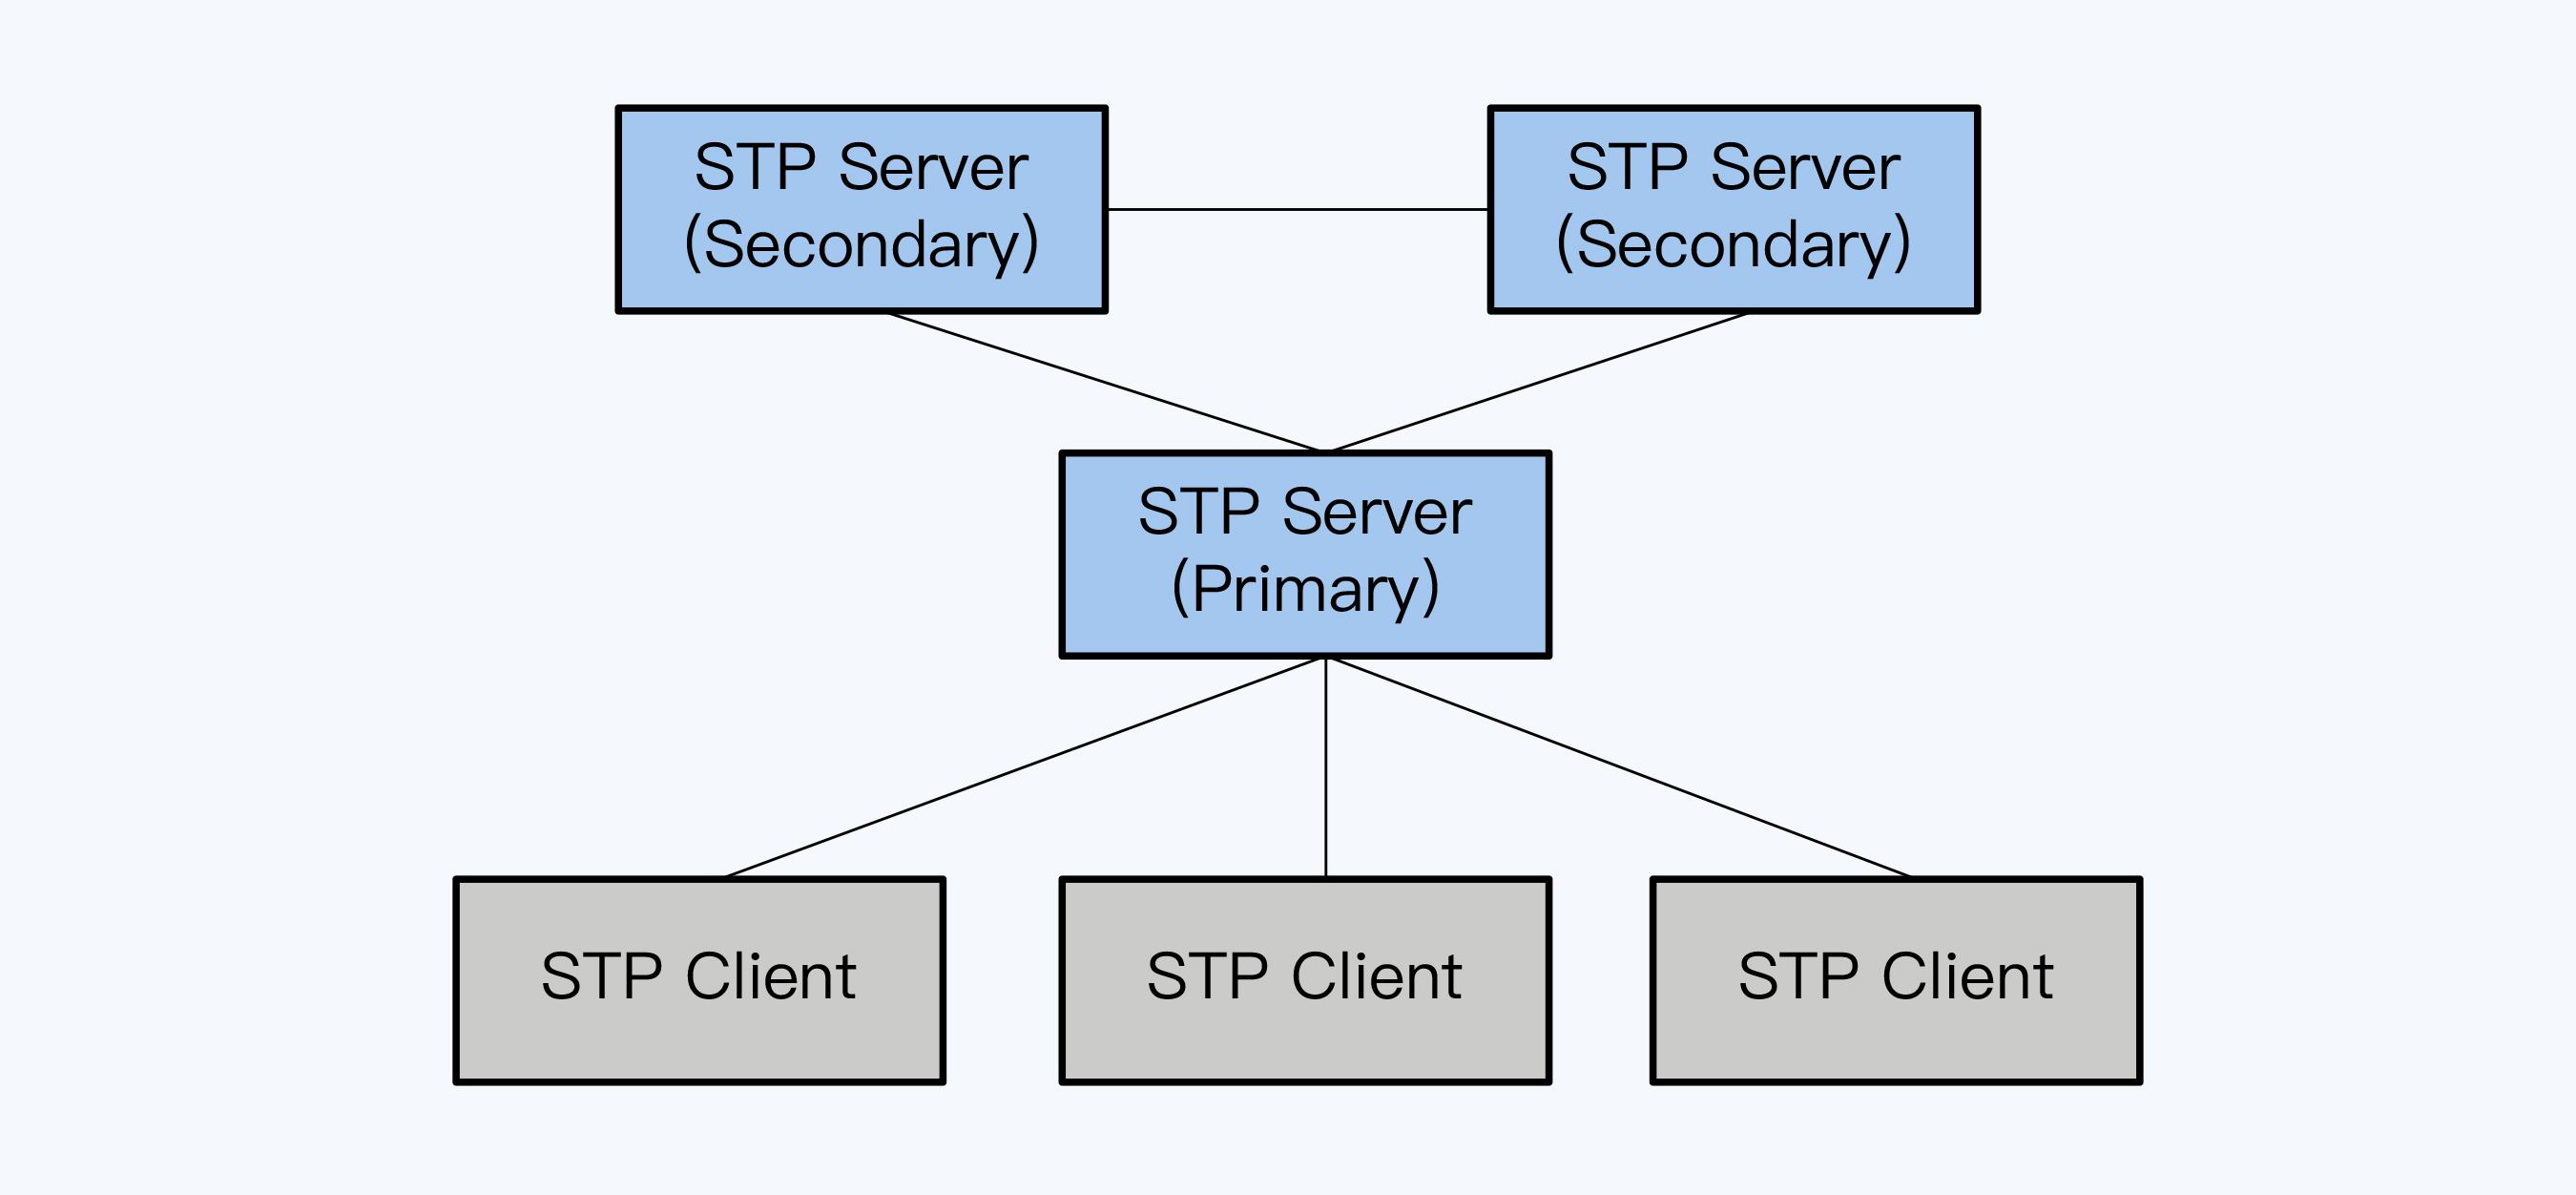 STP 体系各角色节点关系